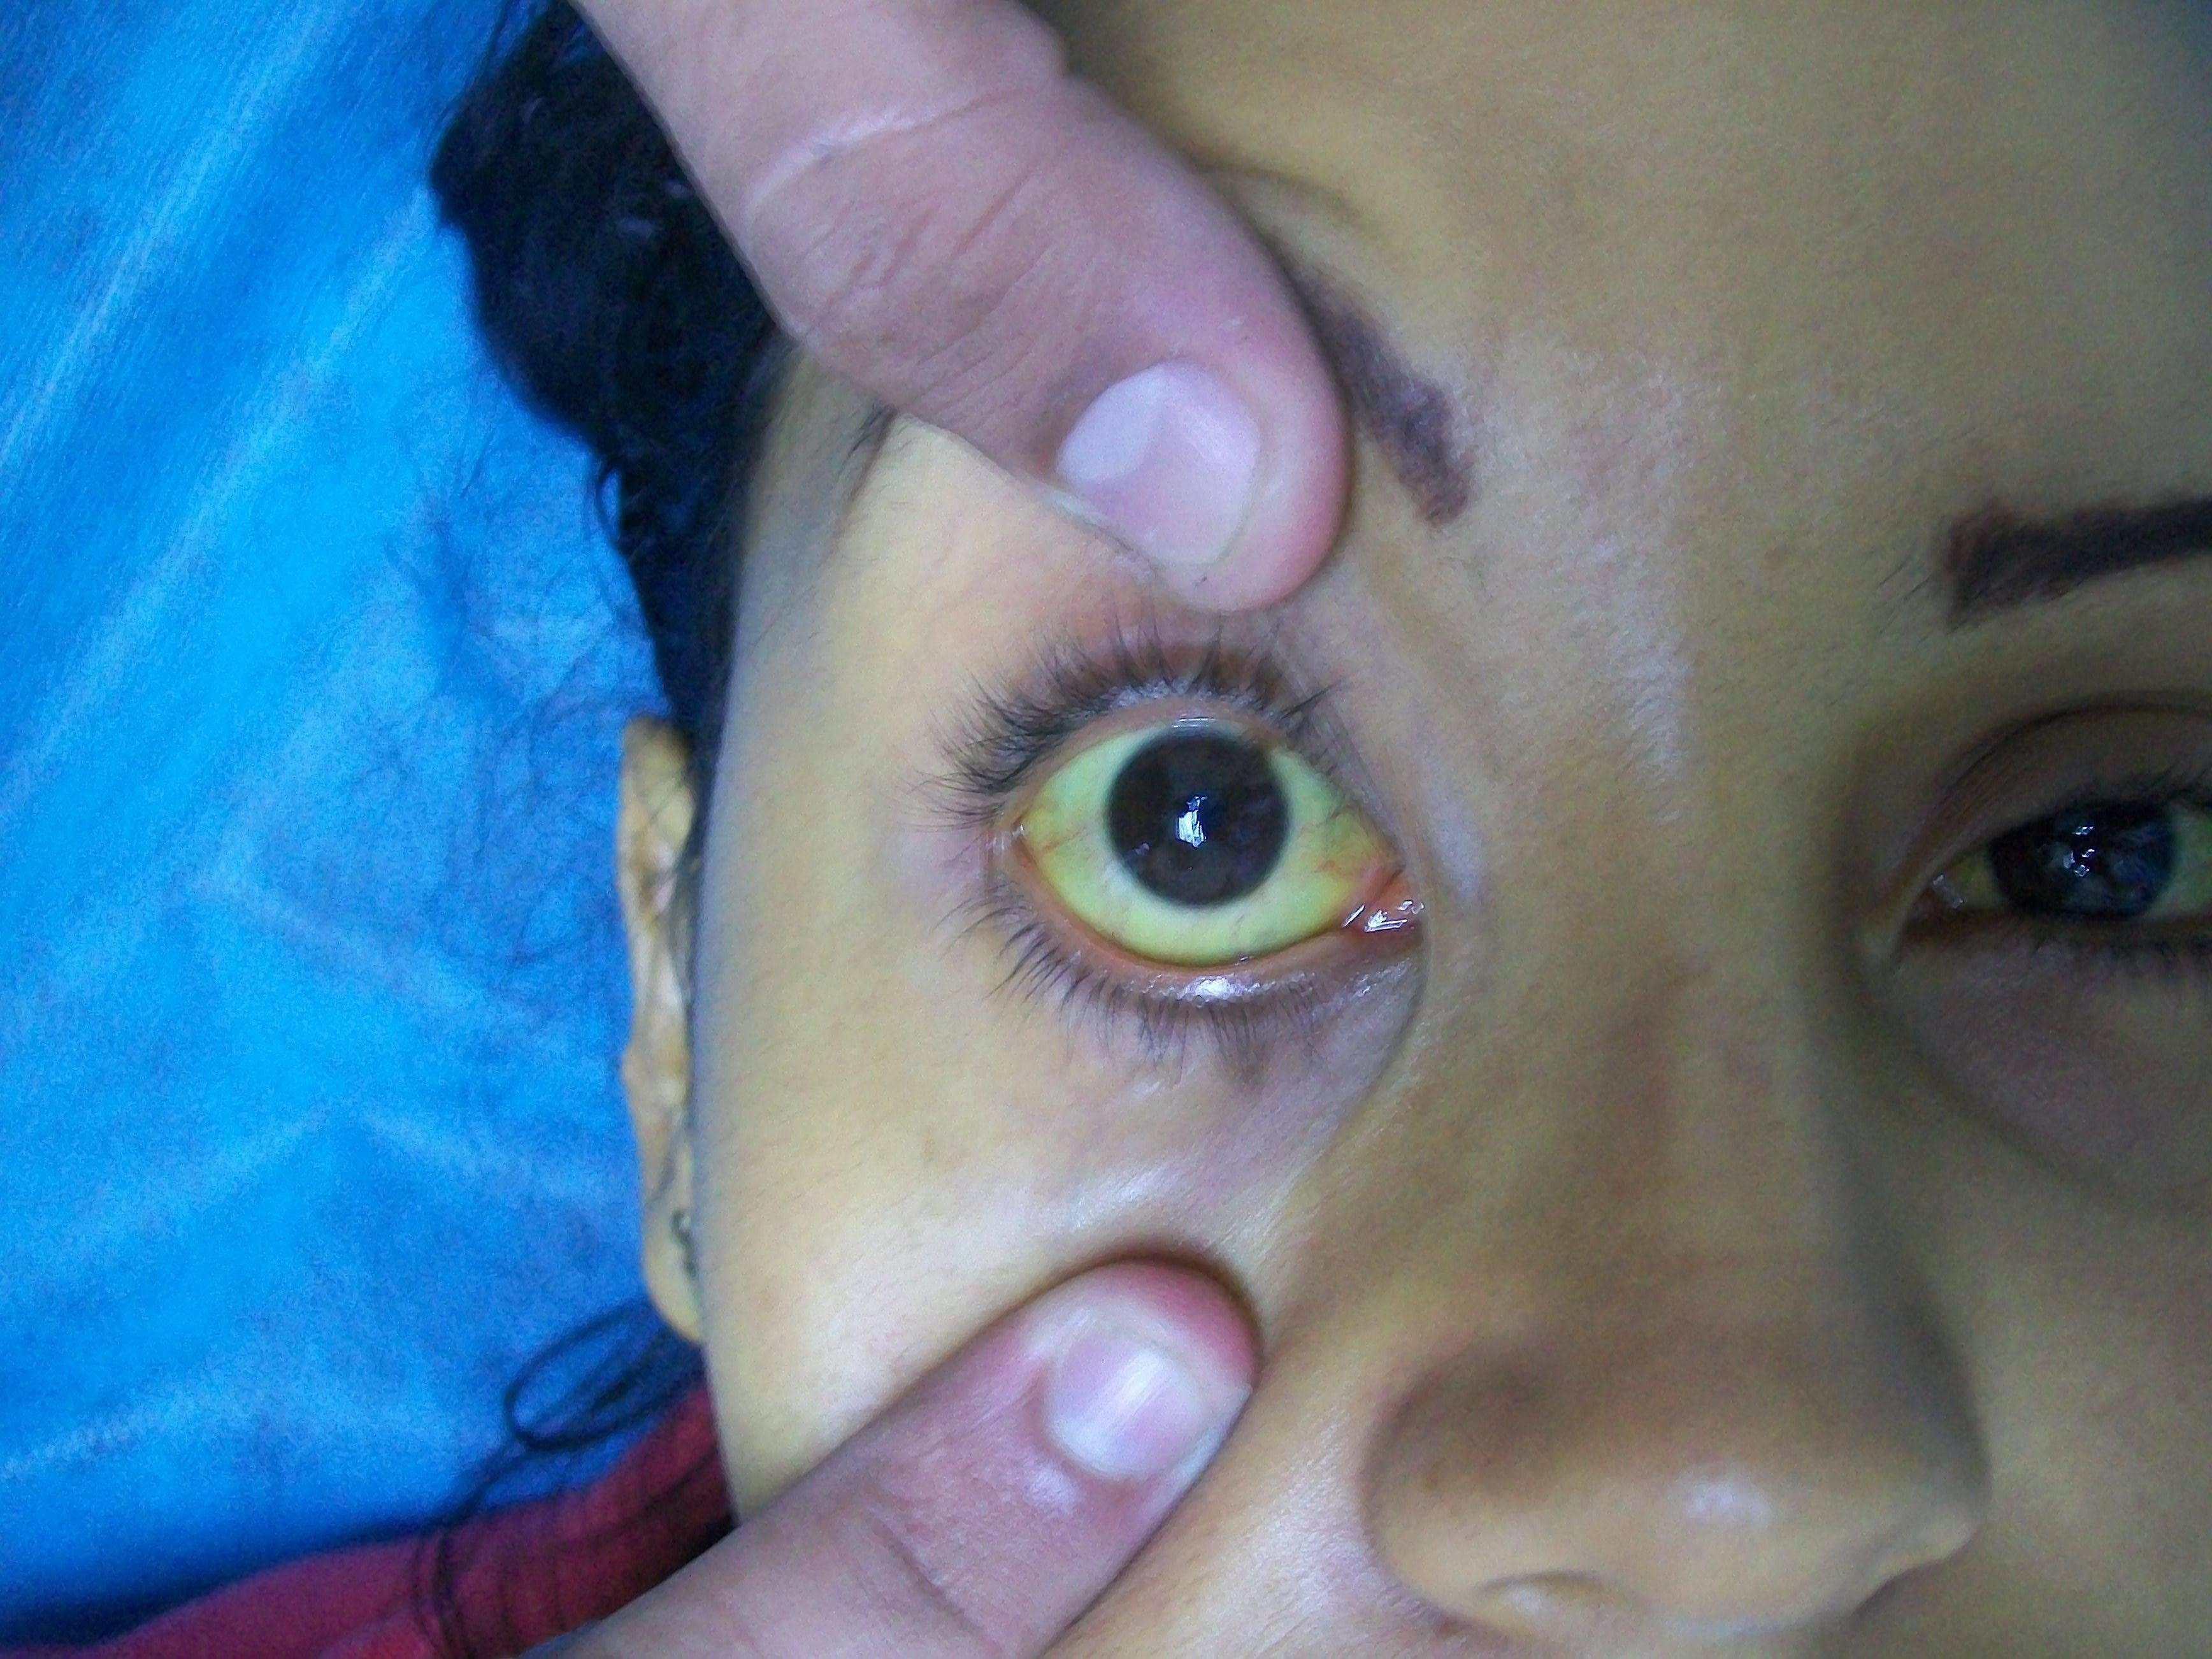 От чего желтеют глаза по бокам. почему глаза желтые? самые распространенные причины пожелтения склеры